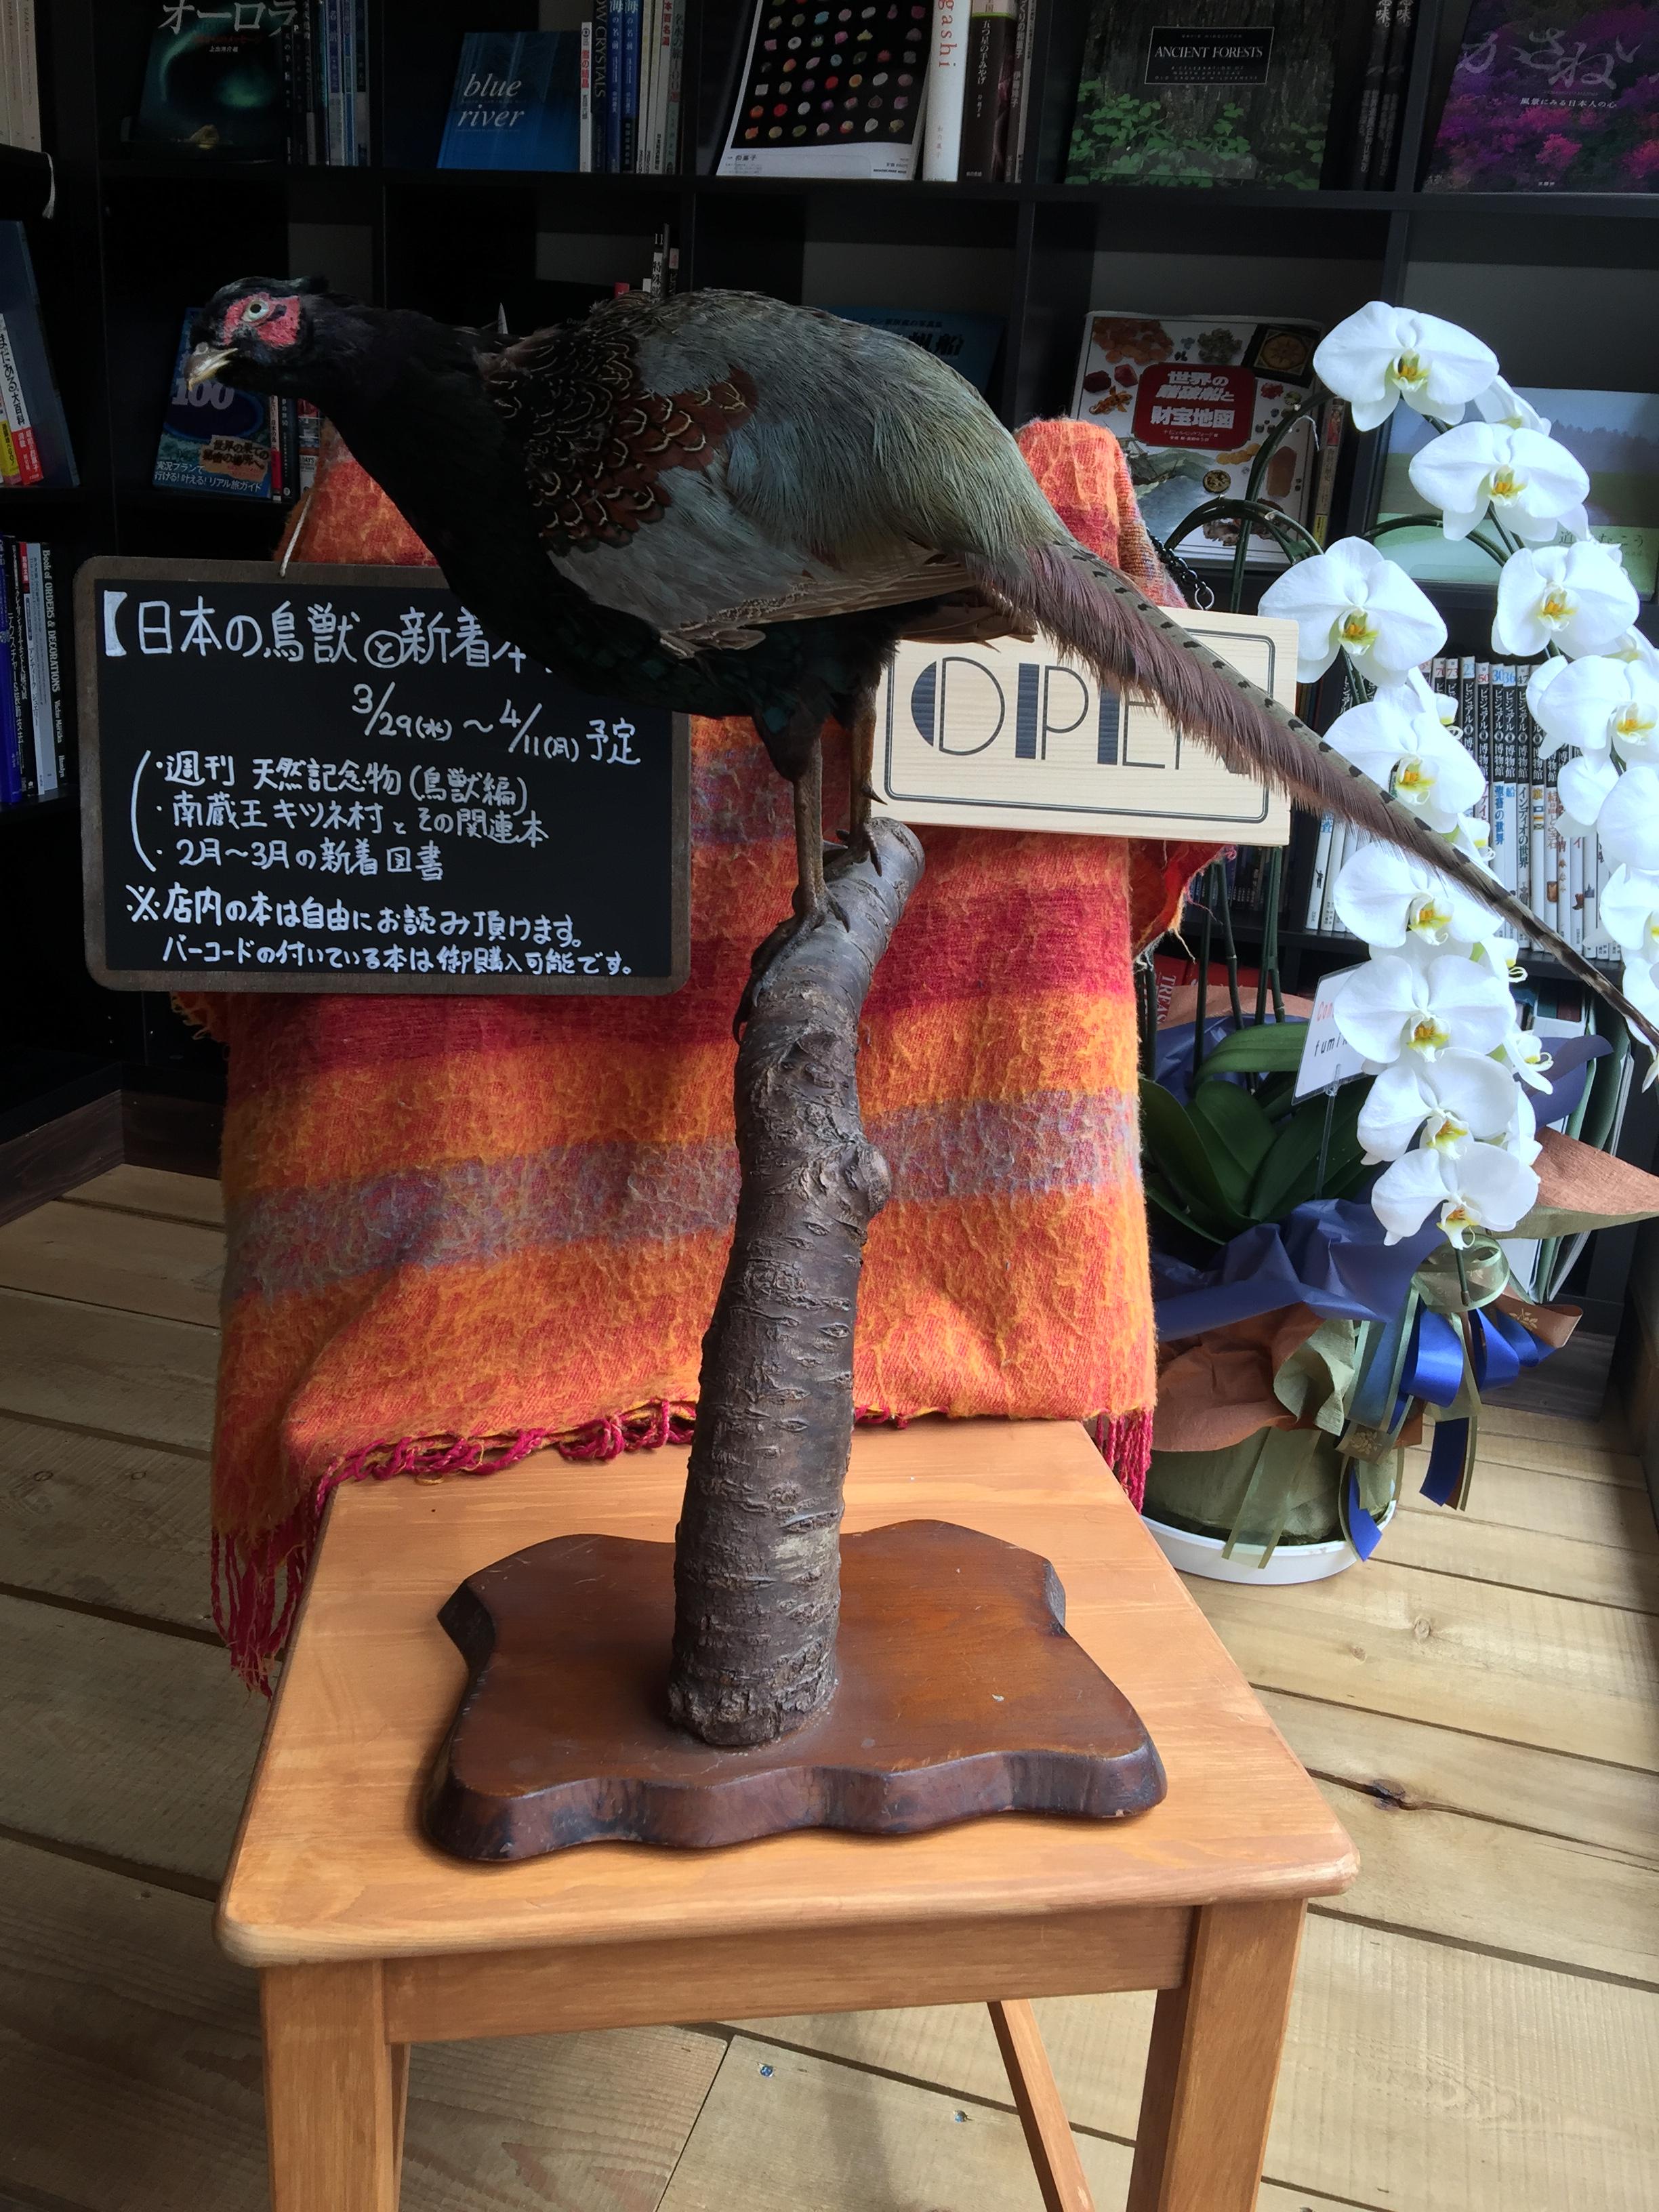 日本の鳥獣と新着本フェア